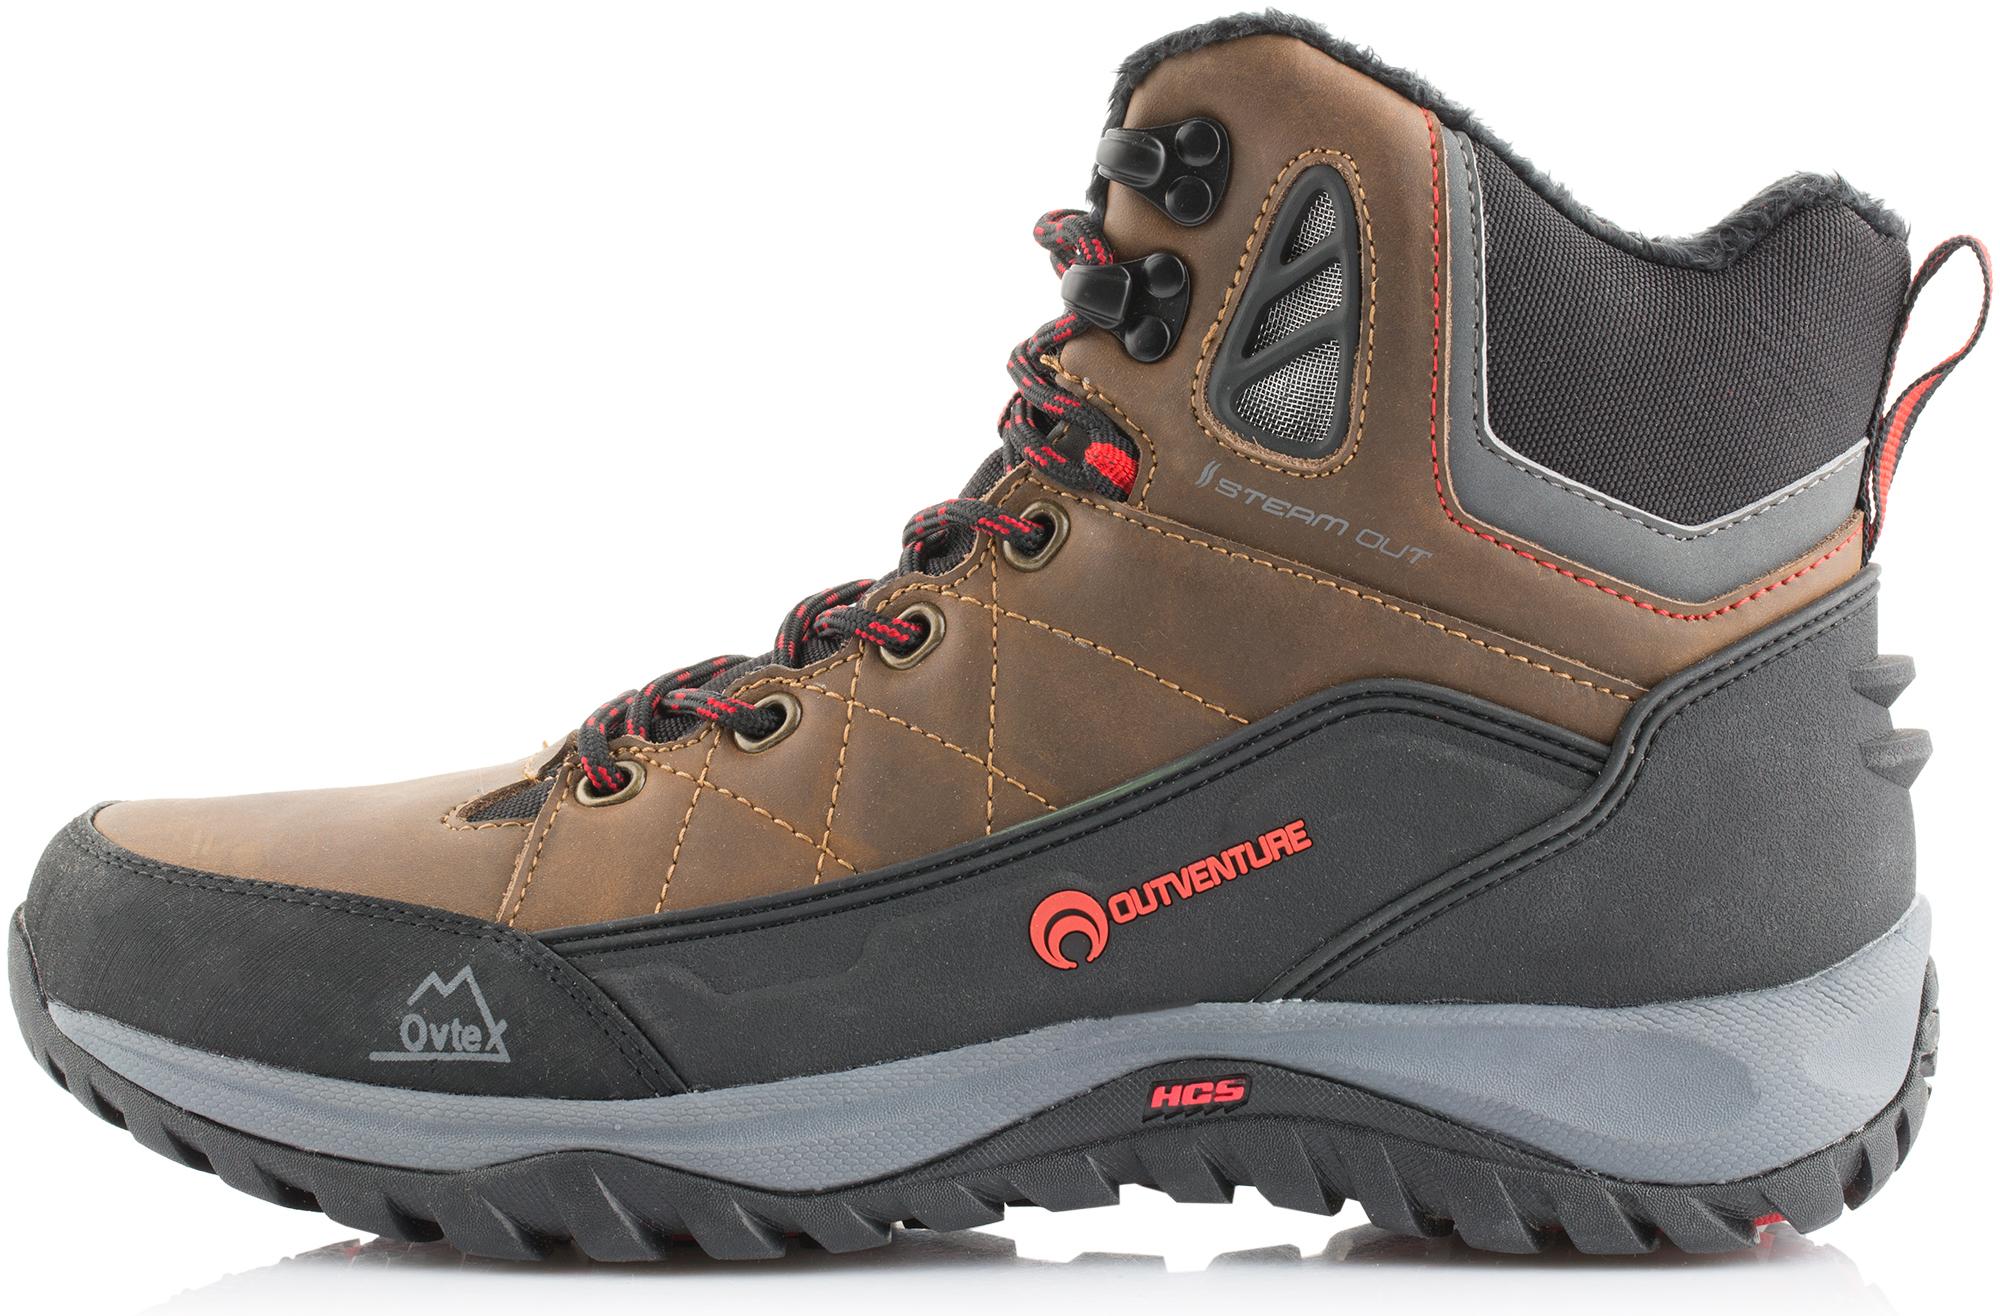 Outventure Ботинки утепленные мужские Outventure Matterhorn